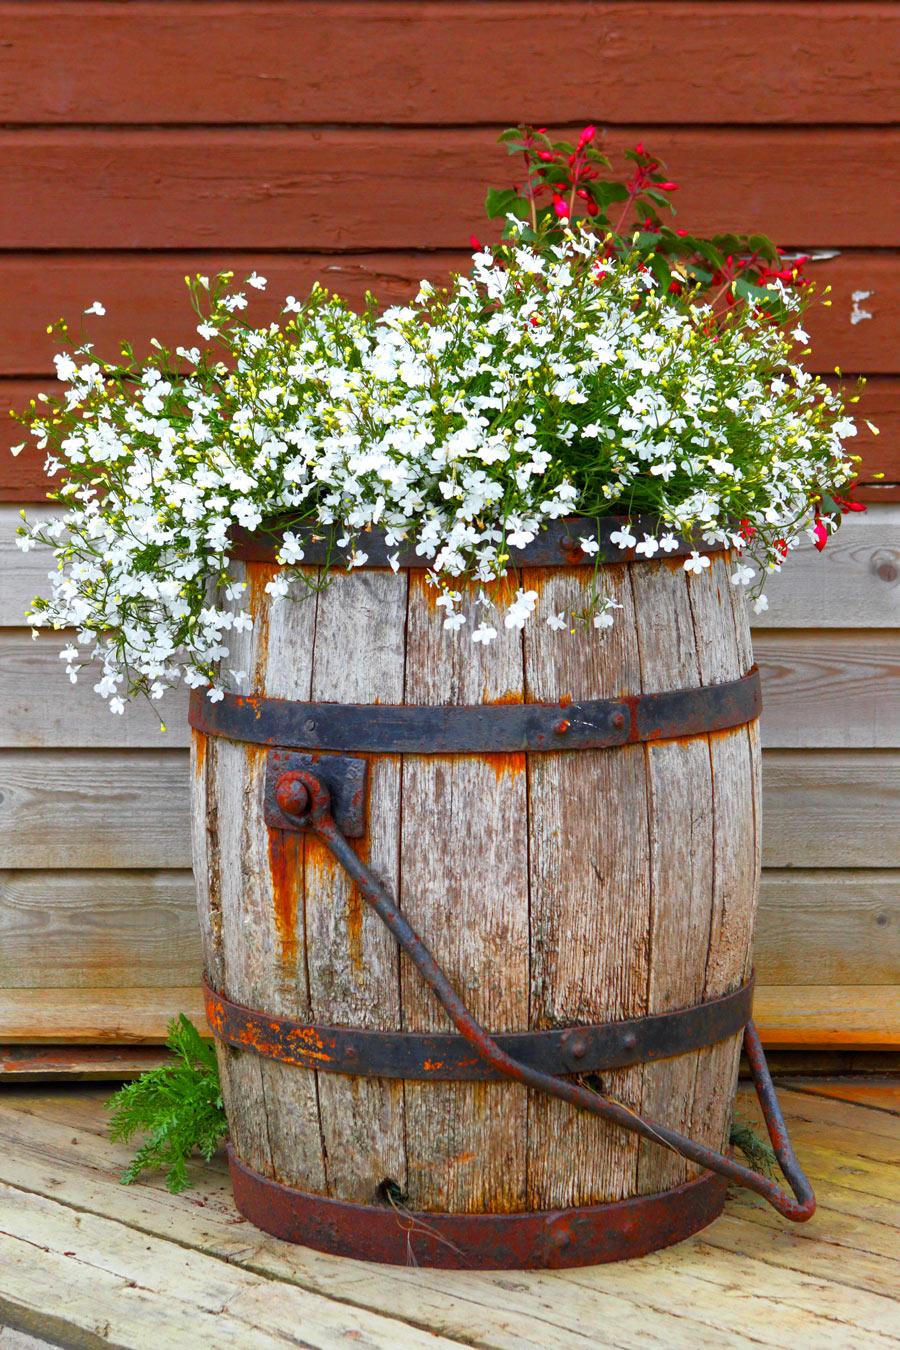 Vecchia botte decorata con fiori bianchi, una bella idea fai da te per il giardino.